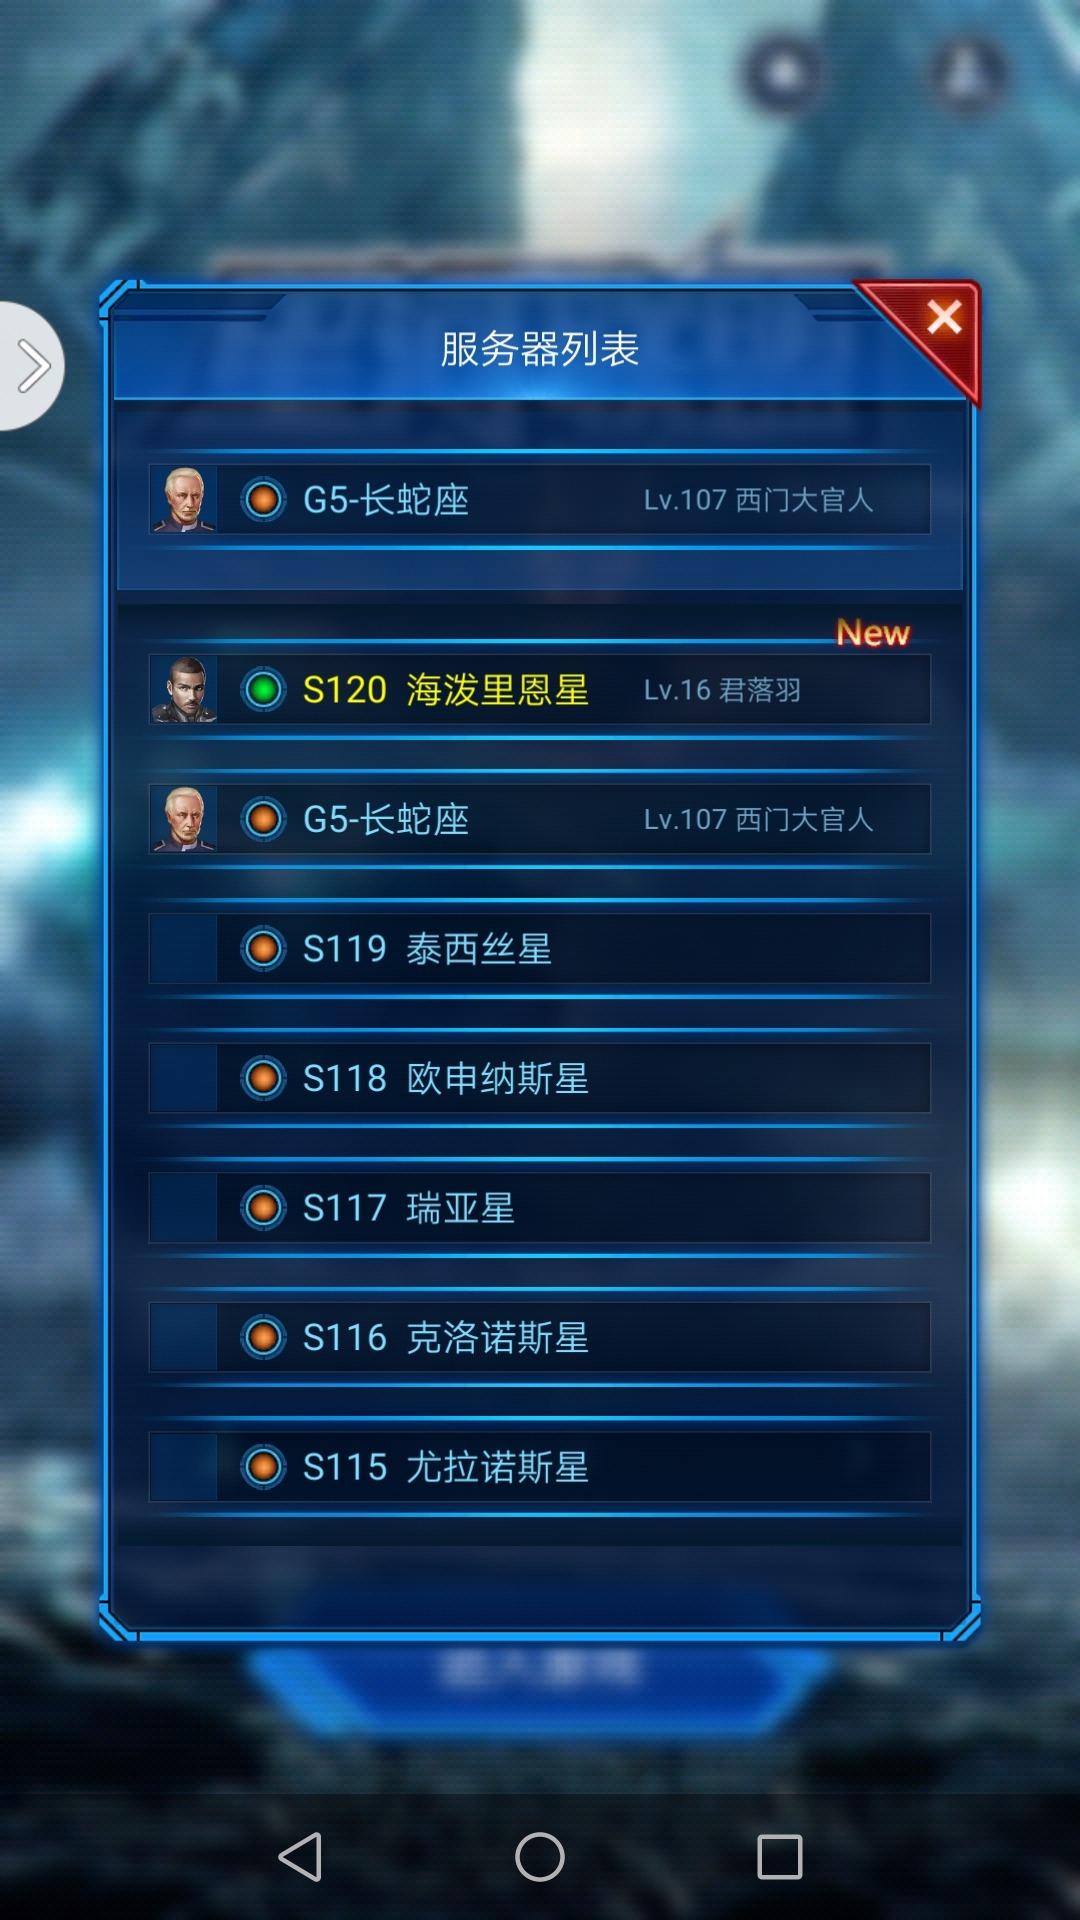 Screenshot_20181210-194809.jpg